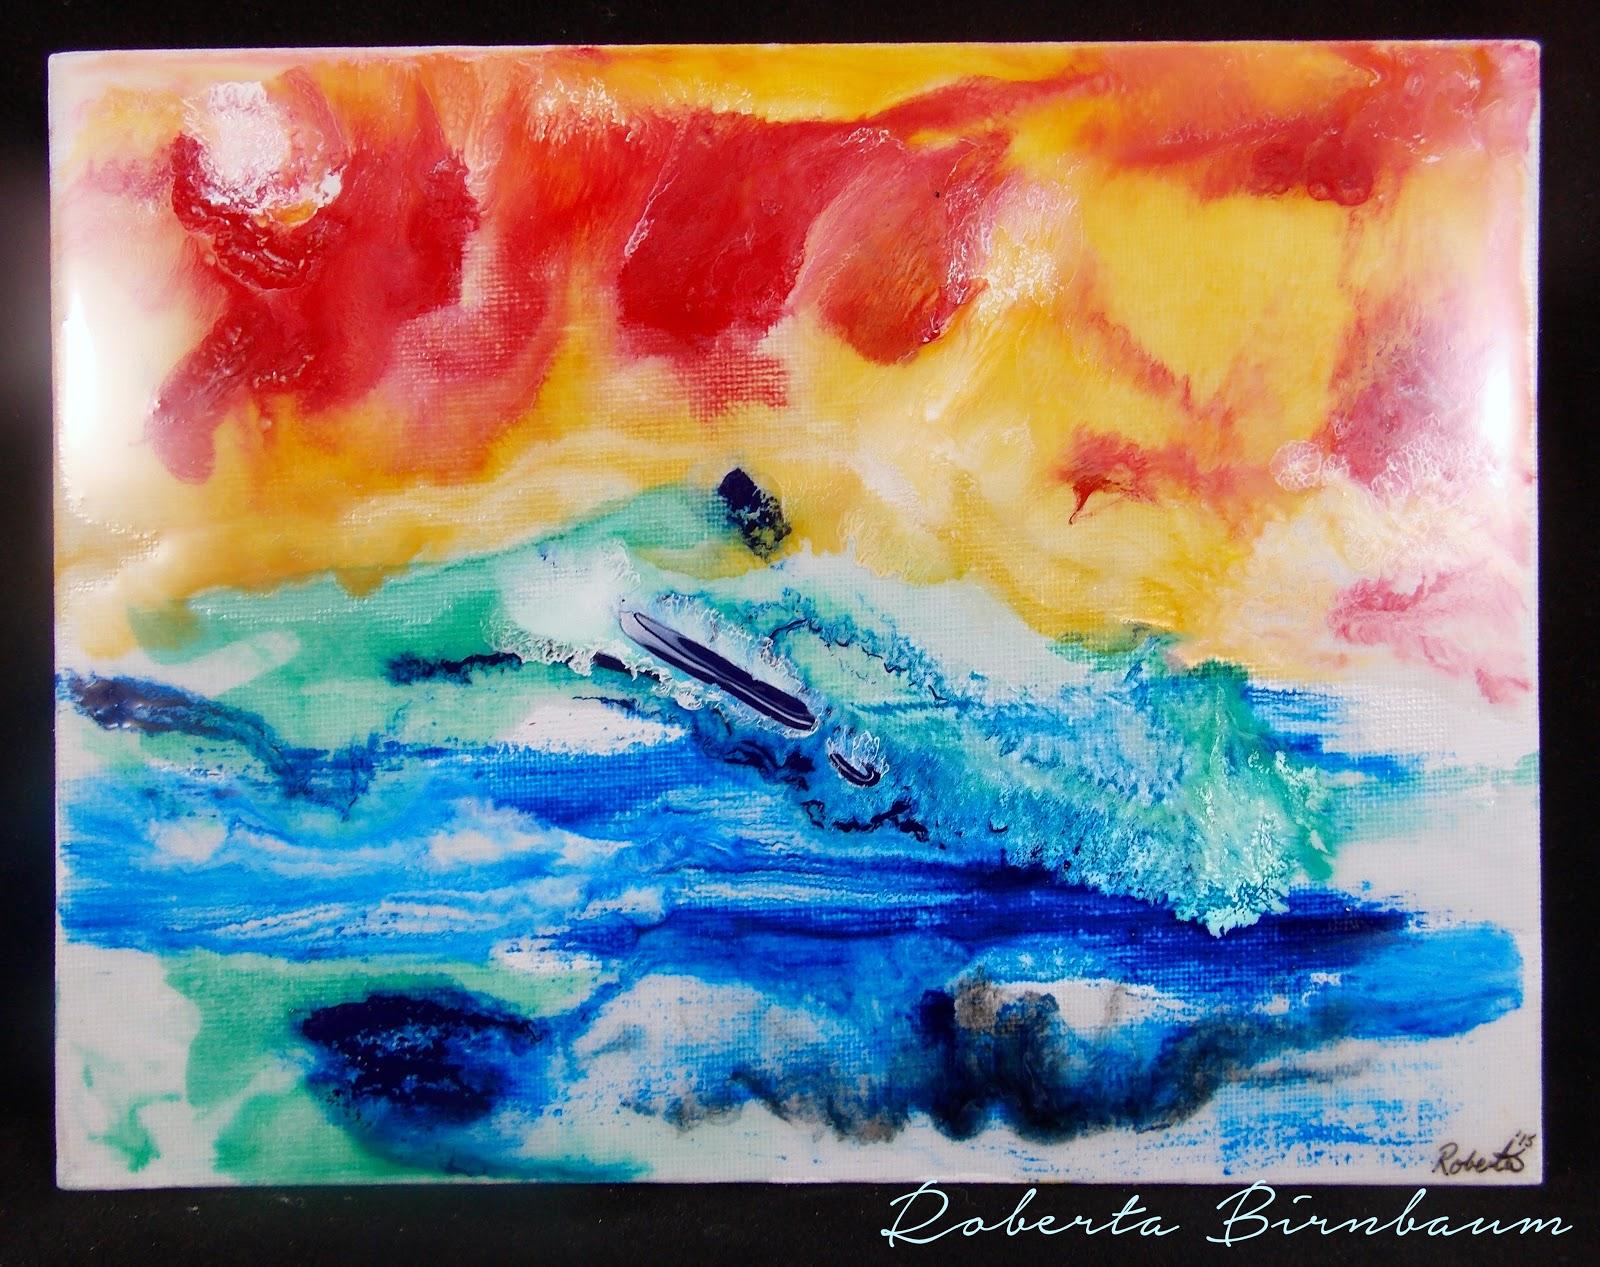 ETI painting with resin by Roberta Birnbaum